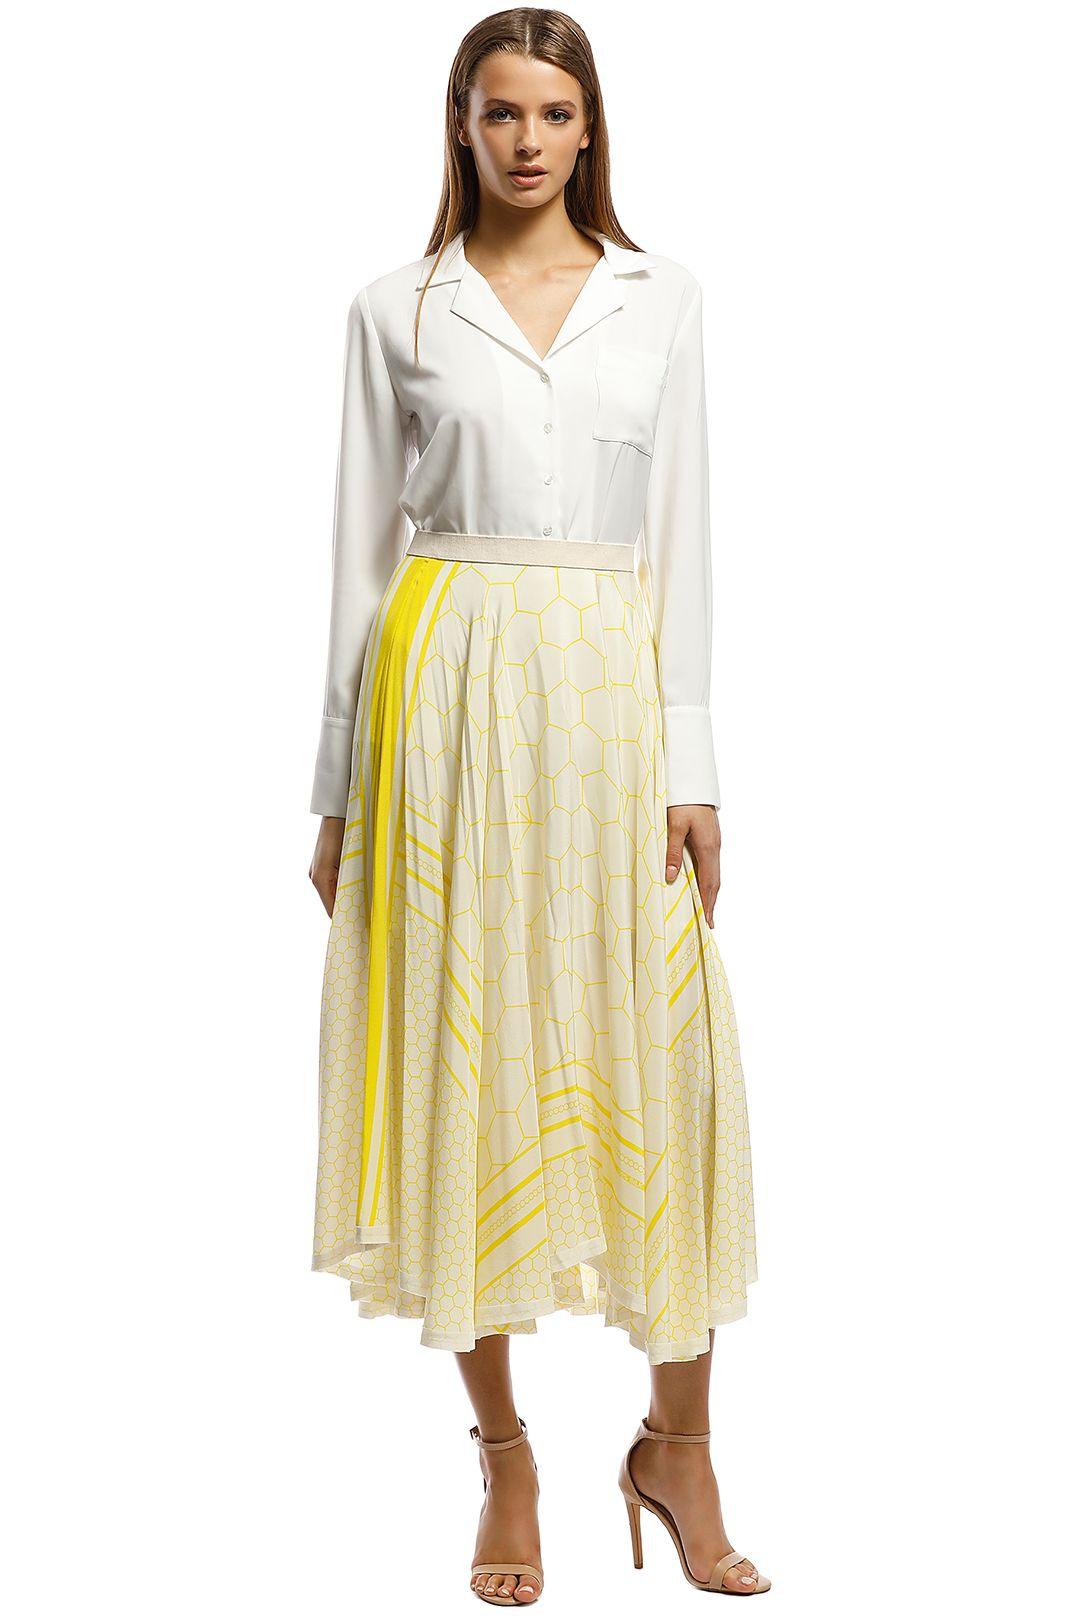 KITX - Sacred Geo Skirt - Yellow - Front